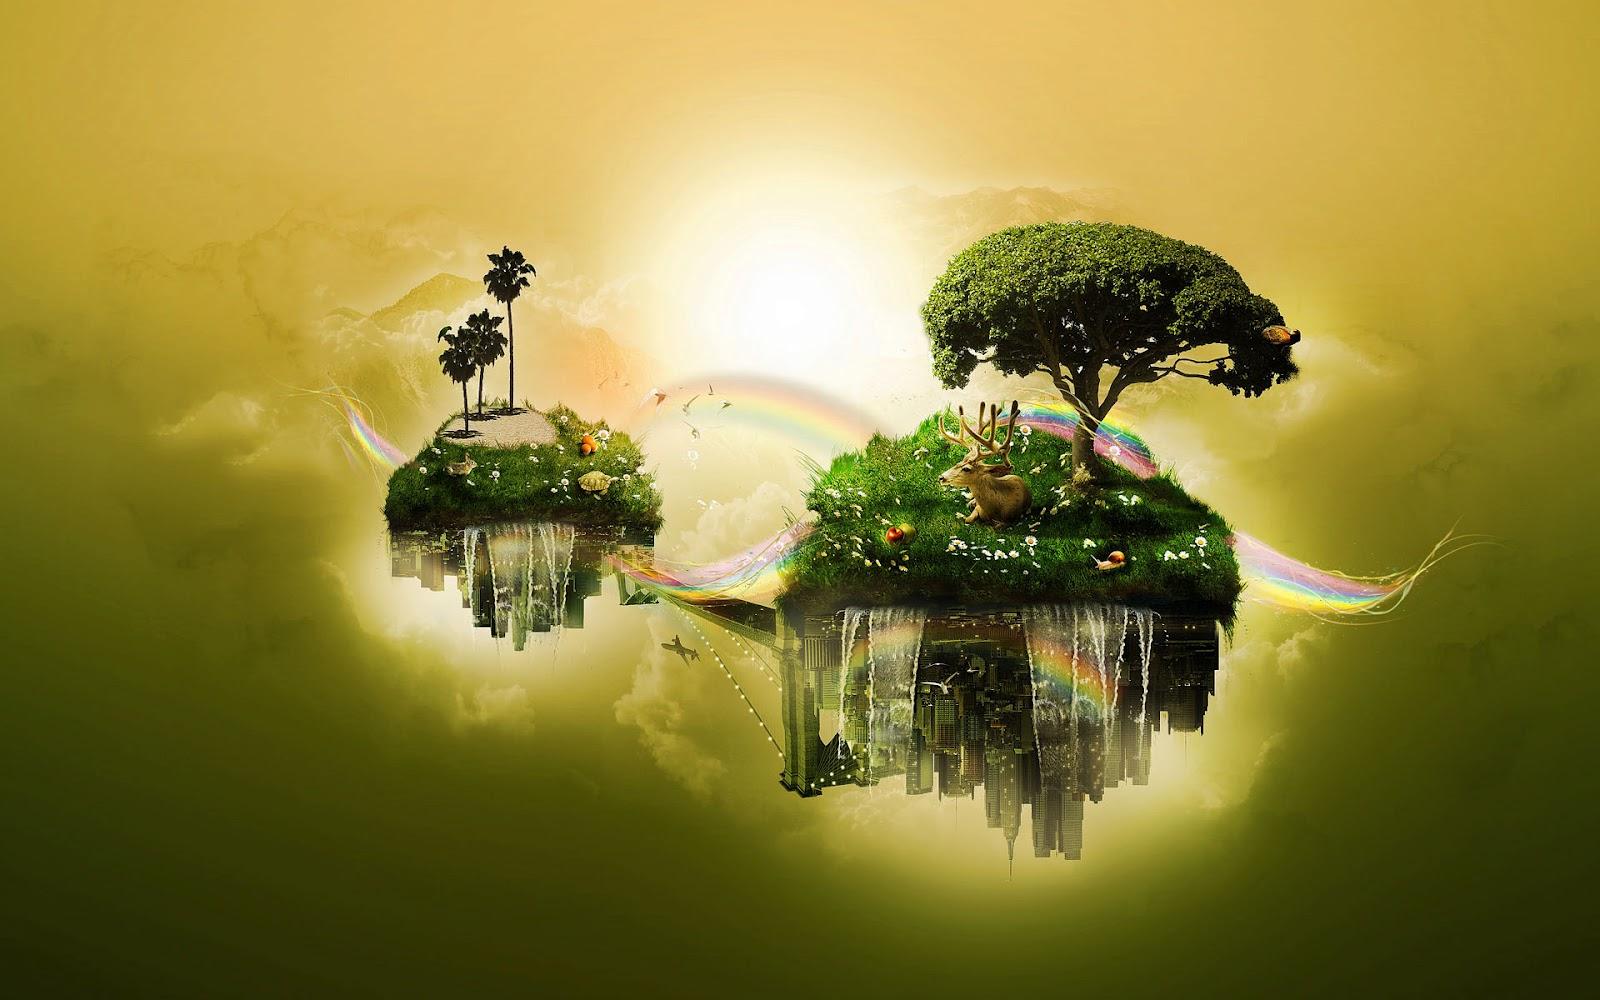 magical world s 3d wallpaper - photo #8